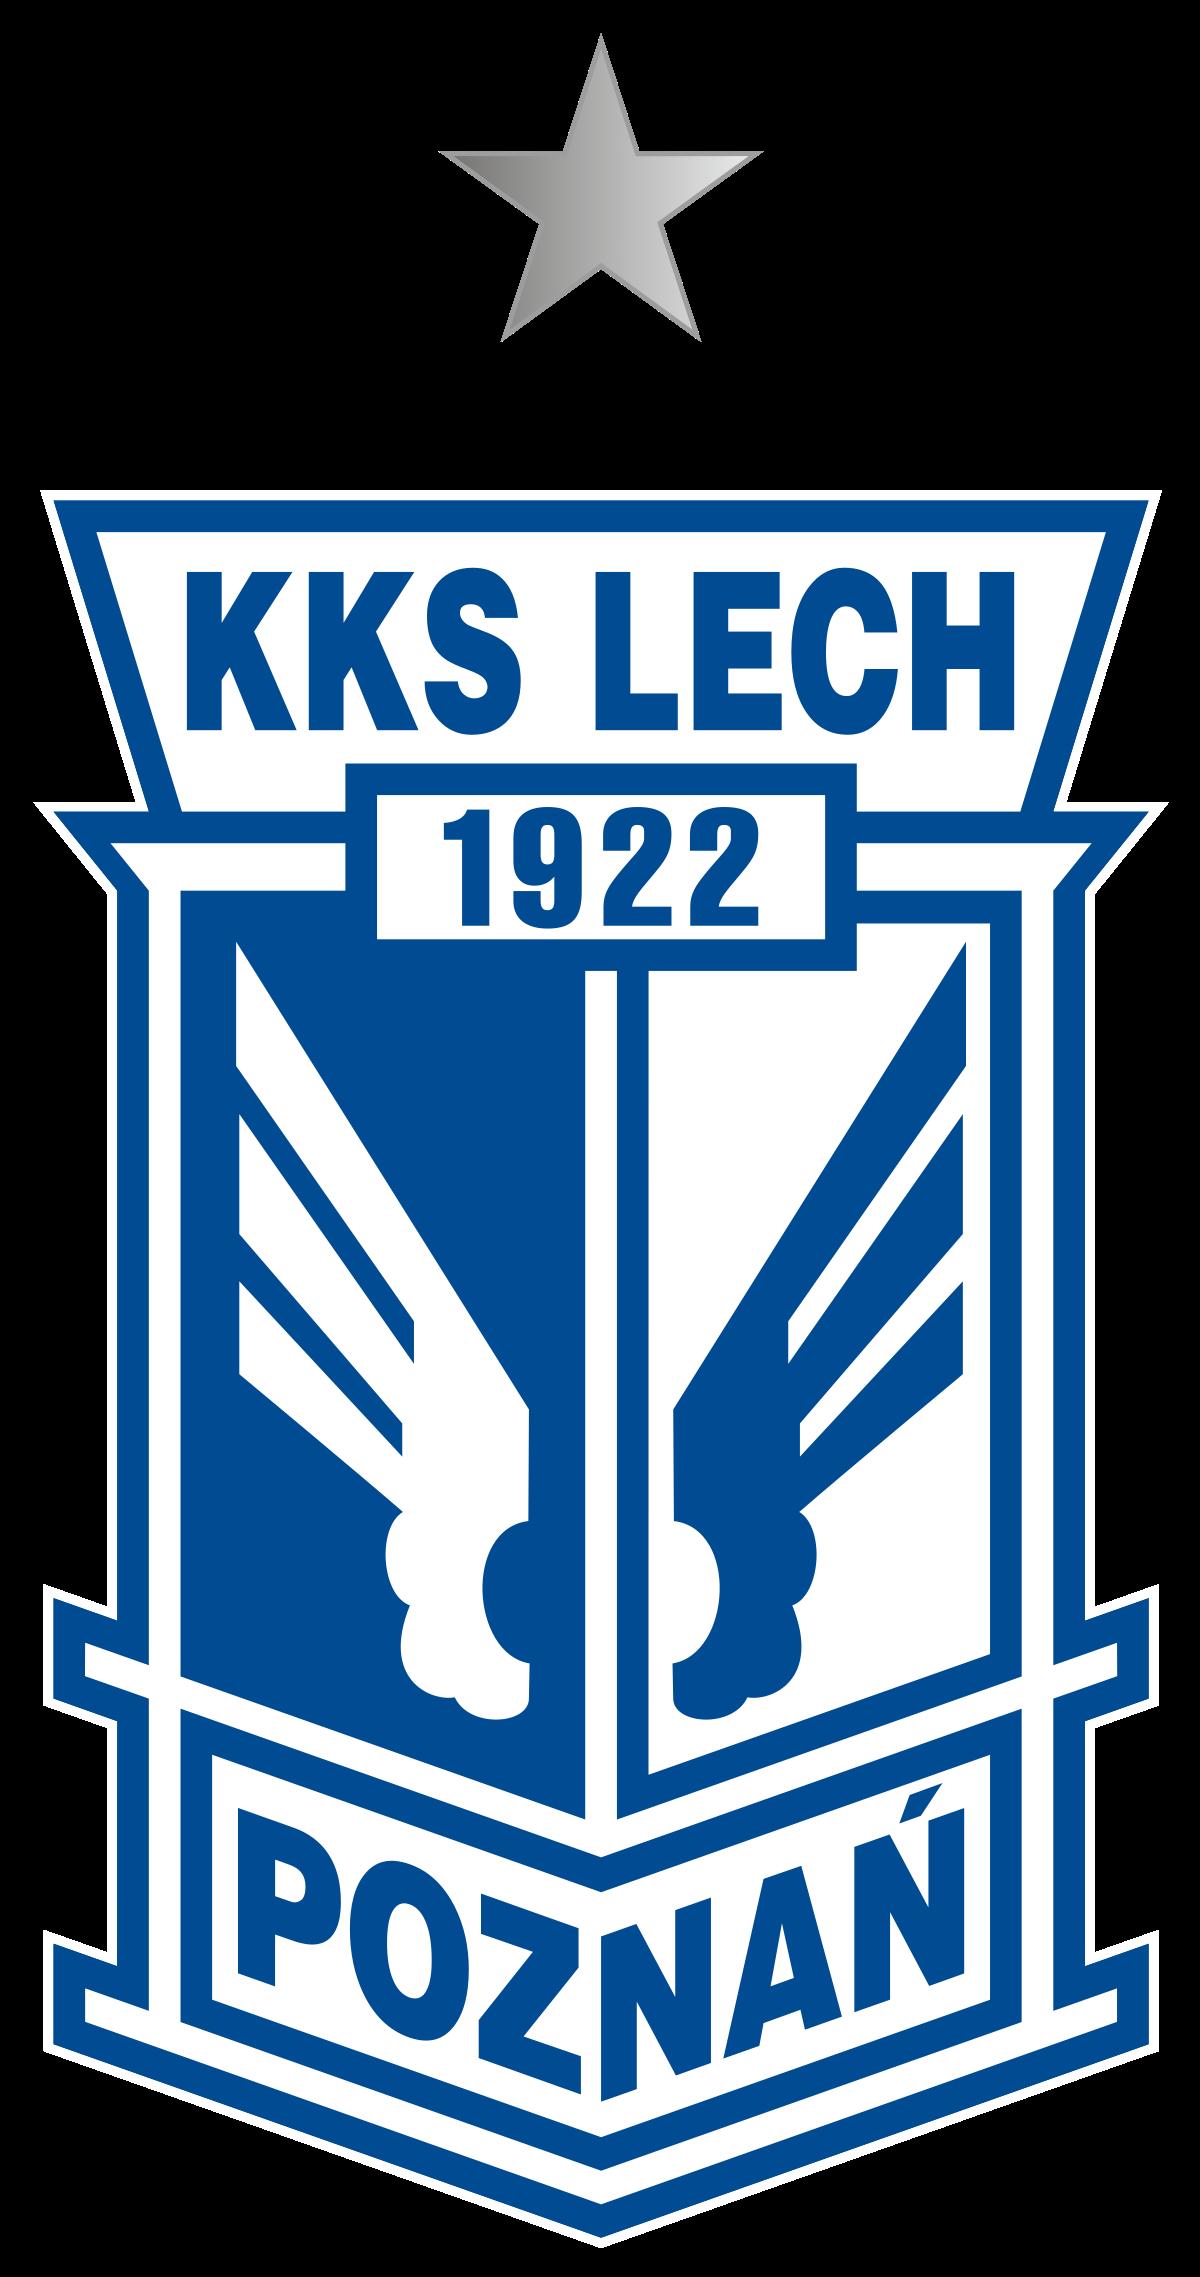 Programme TV Lech Poznan